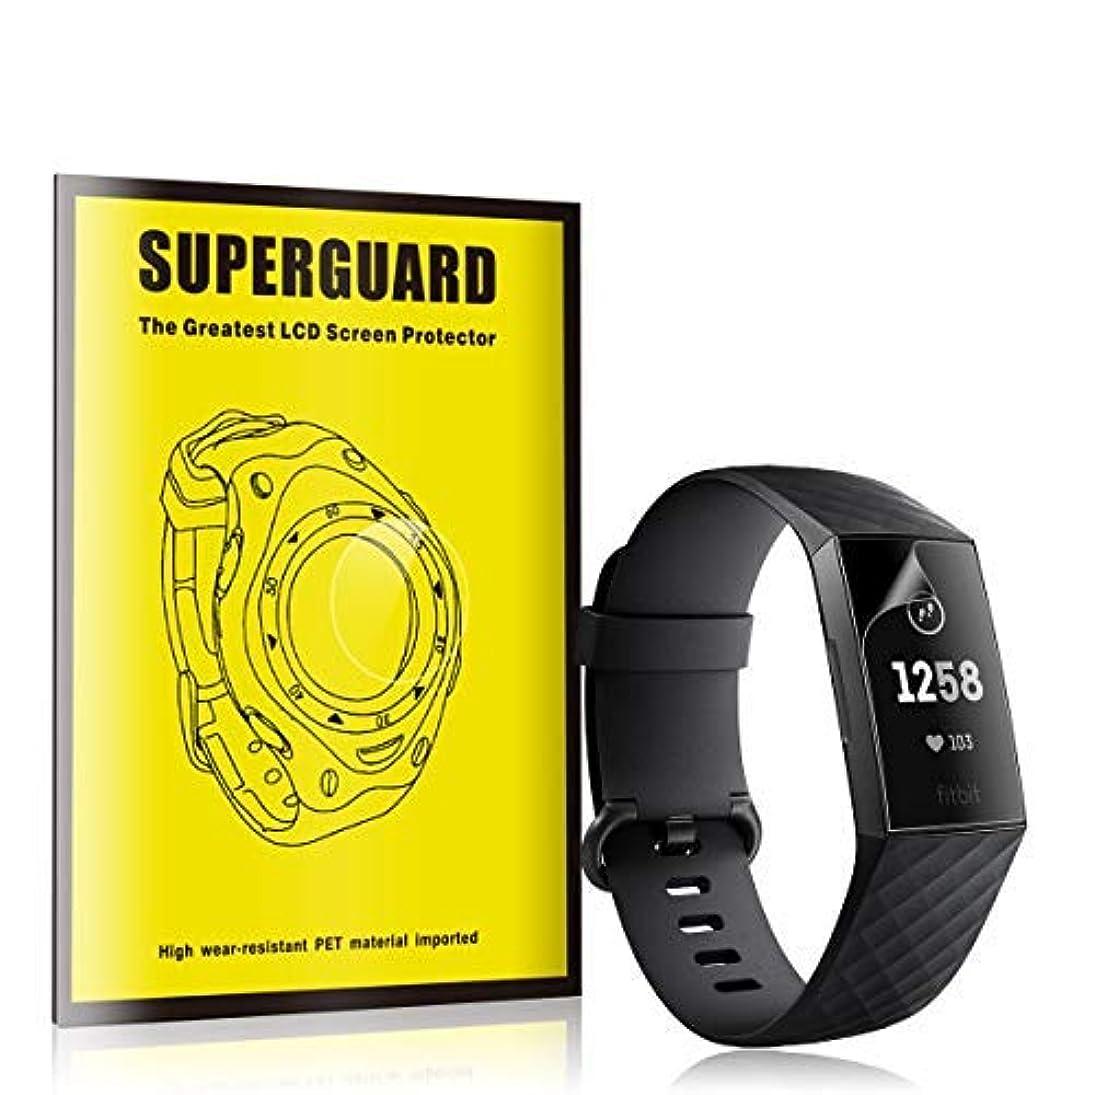 加速するラインナップ夜明けTopACE Fitbit Charge 3 フィルム 高光沢 硬度6H 超薄0.2mm 耐衝撃 高精細度 撥油性 超耐久 耐指紋 防爆保護 Fitbit Charge3 保護フィルム【3枚パック】